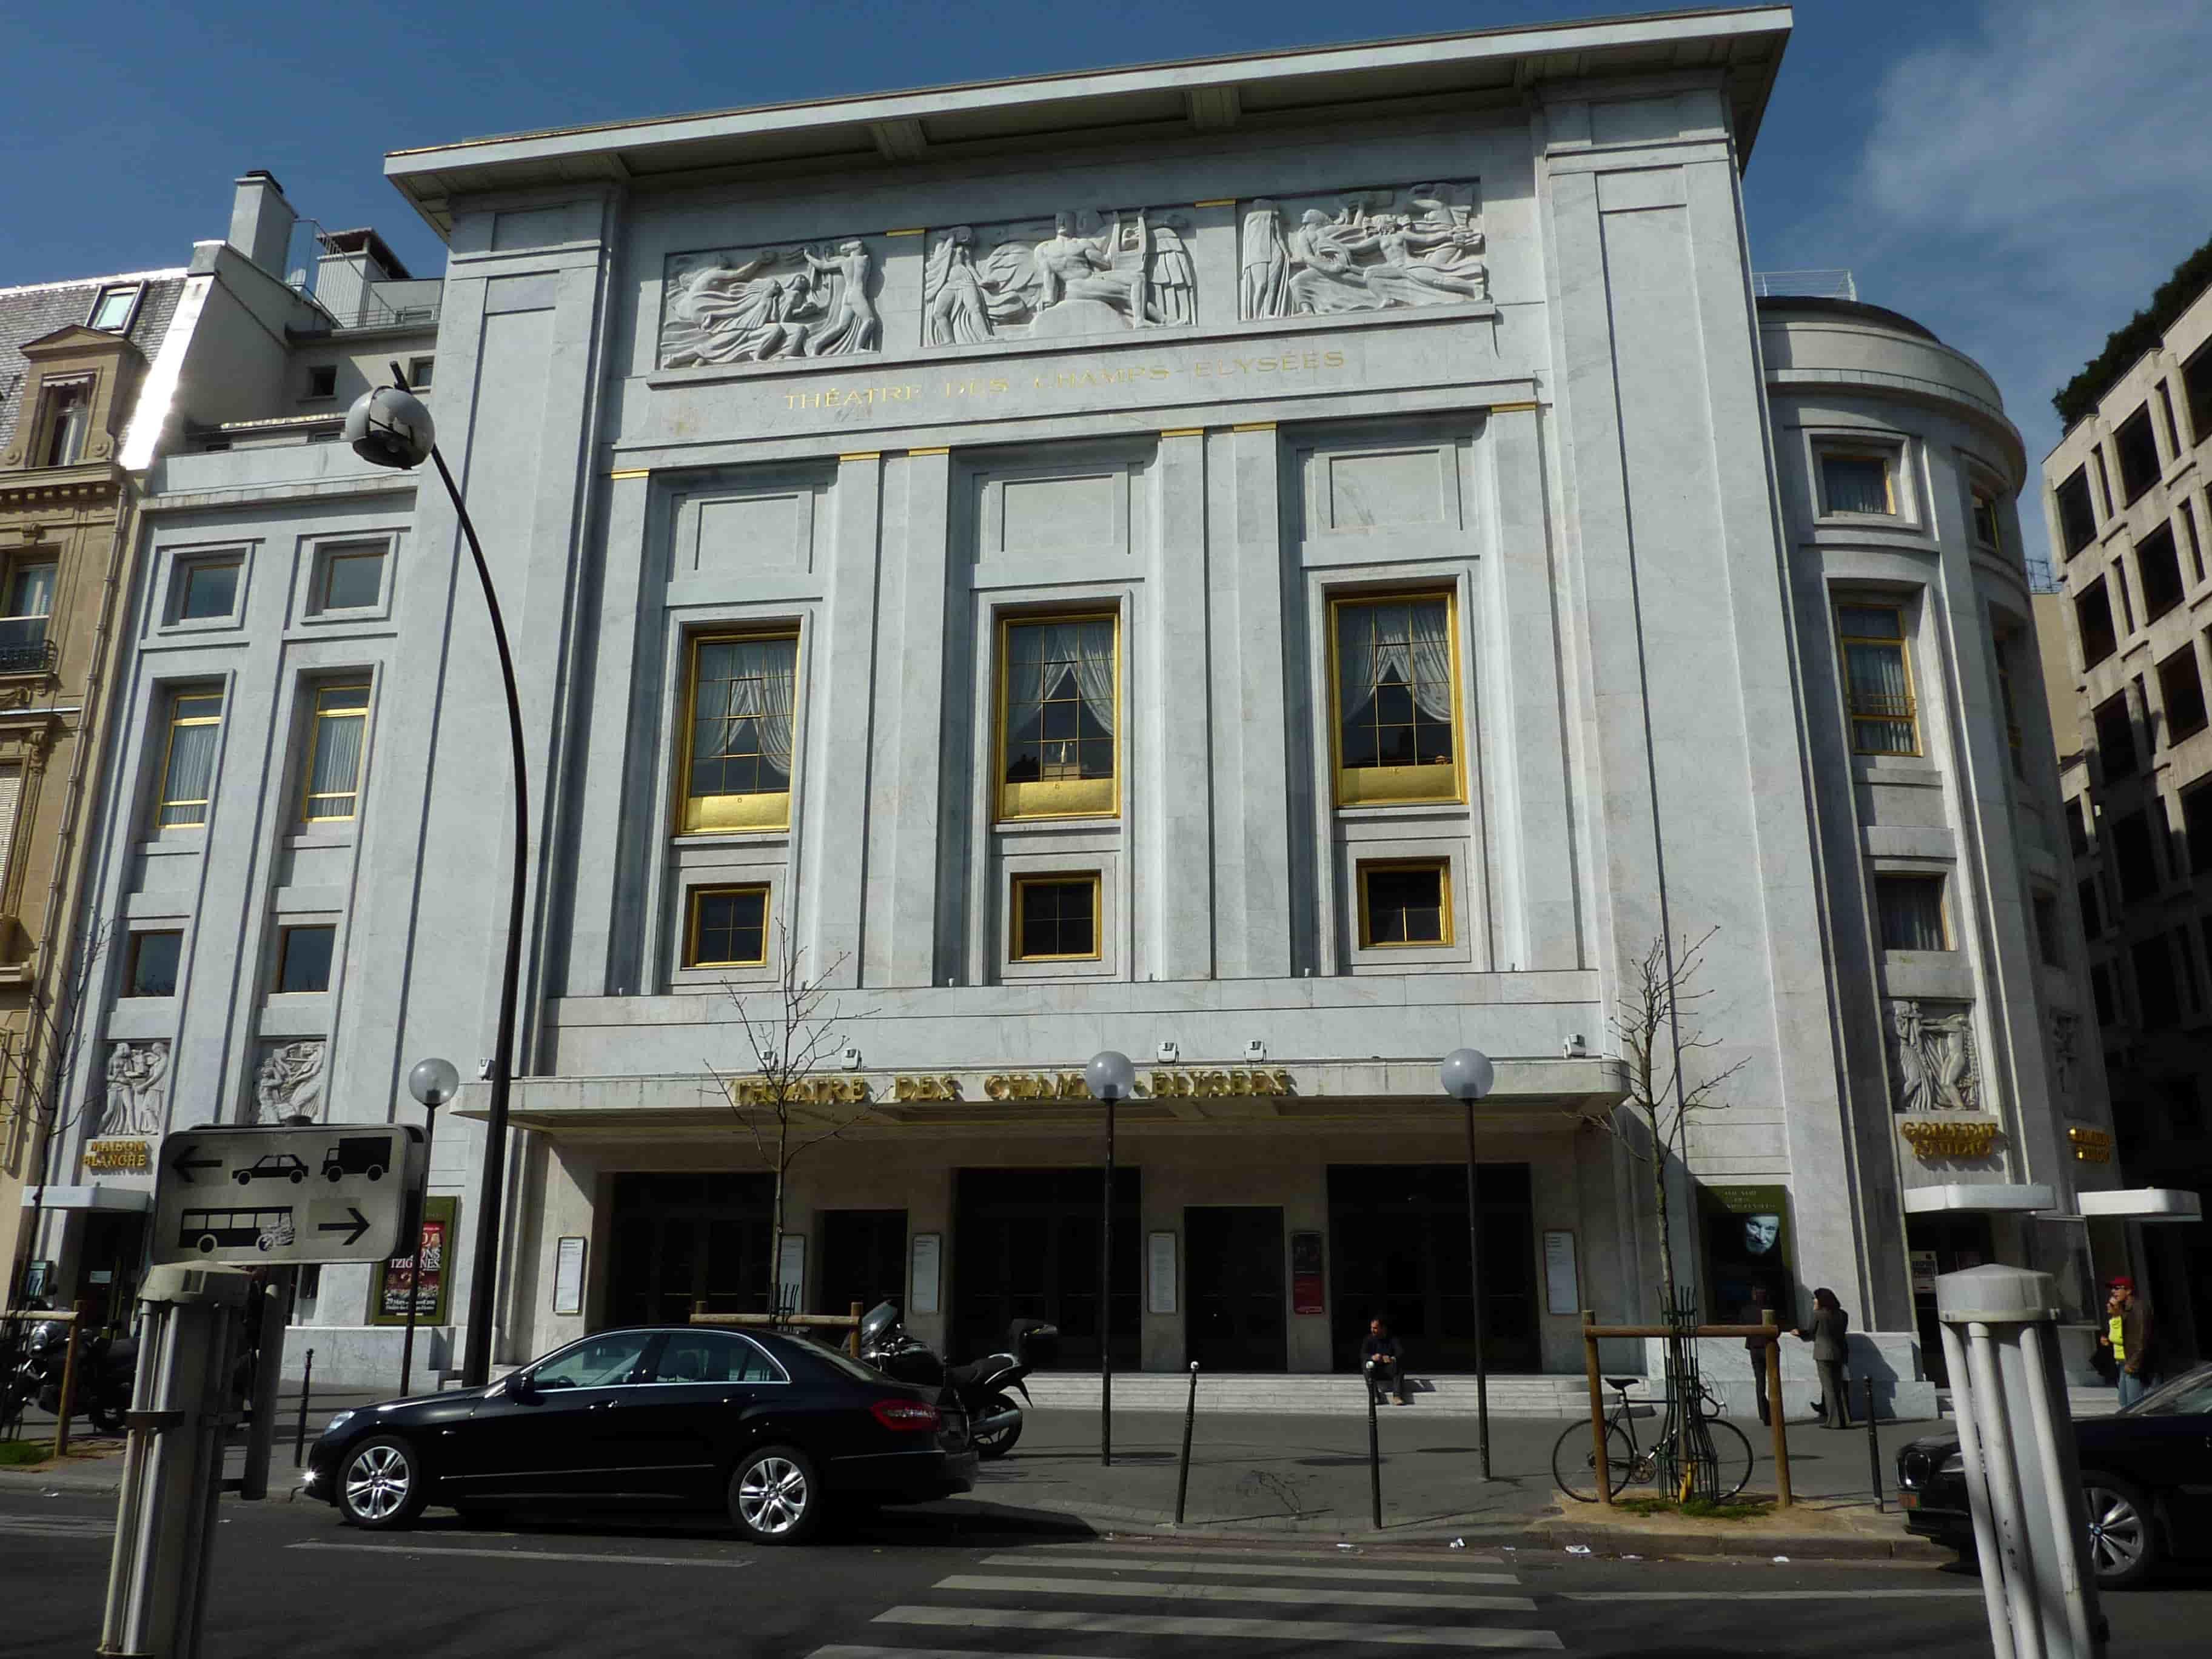 Théatre des Champs Elysées - façade